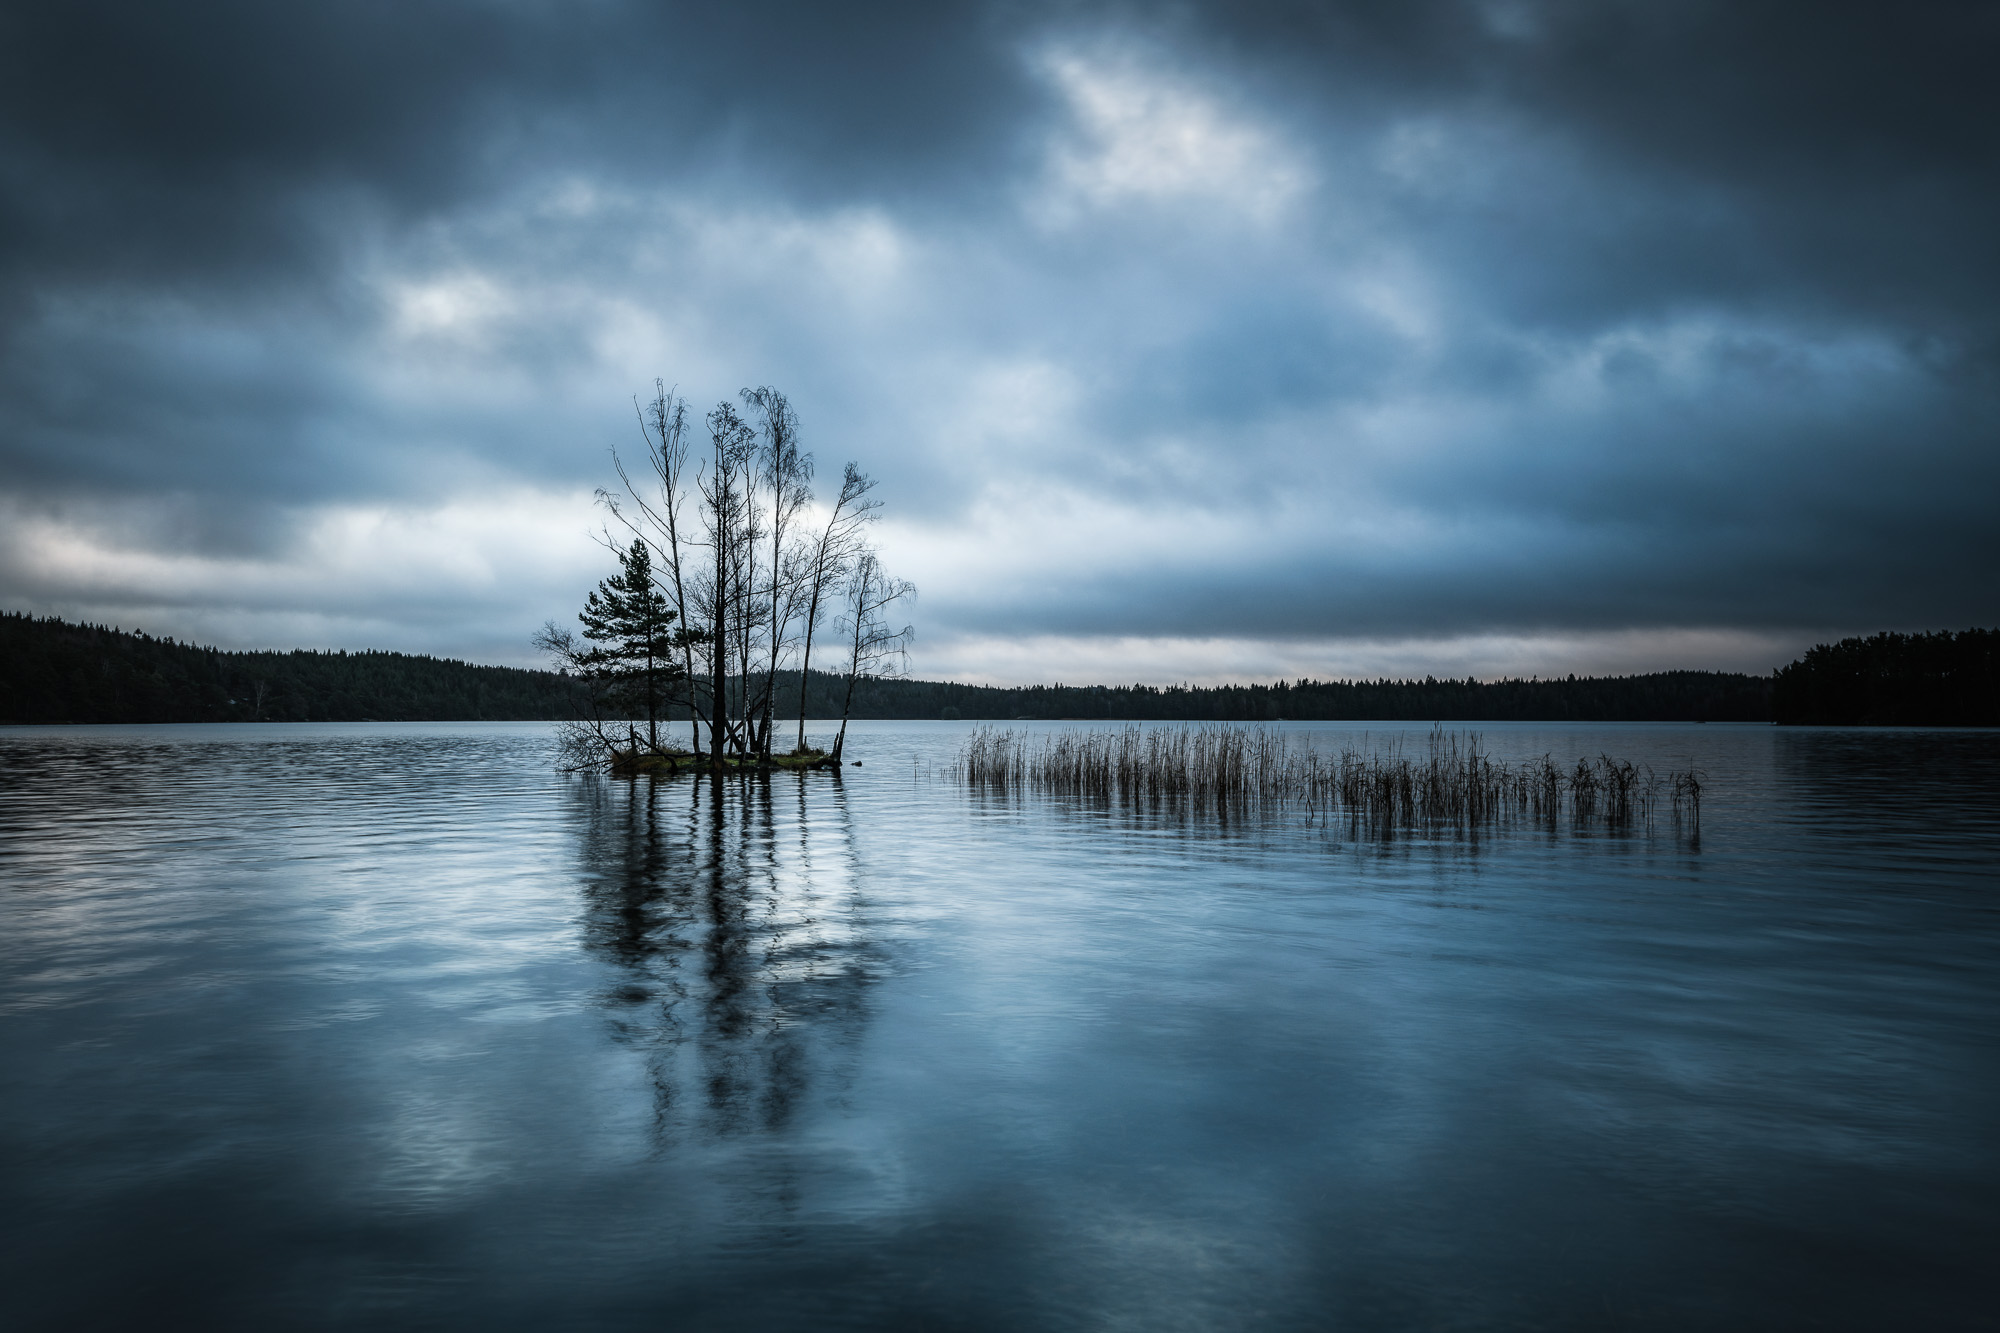 Finnsjön, Härryda kommun. Foto: Mikael Svensson, www.mikaelsvensson.com